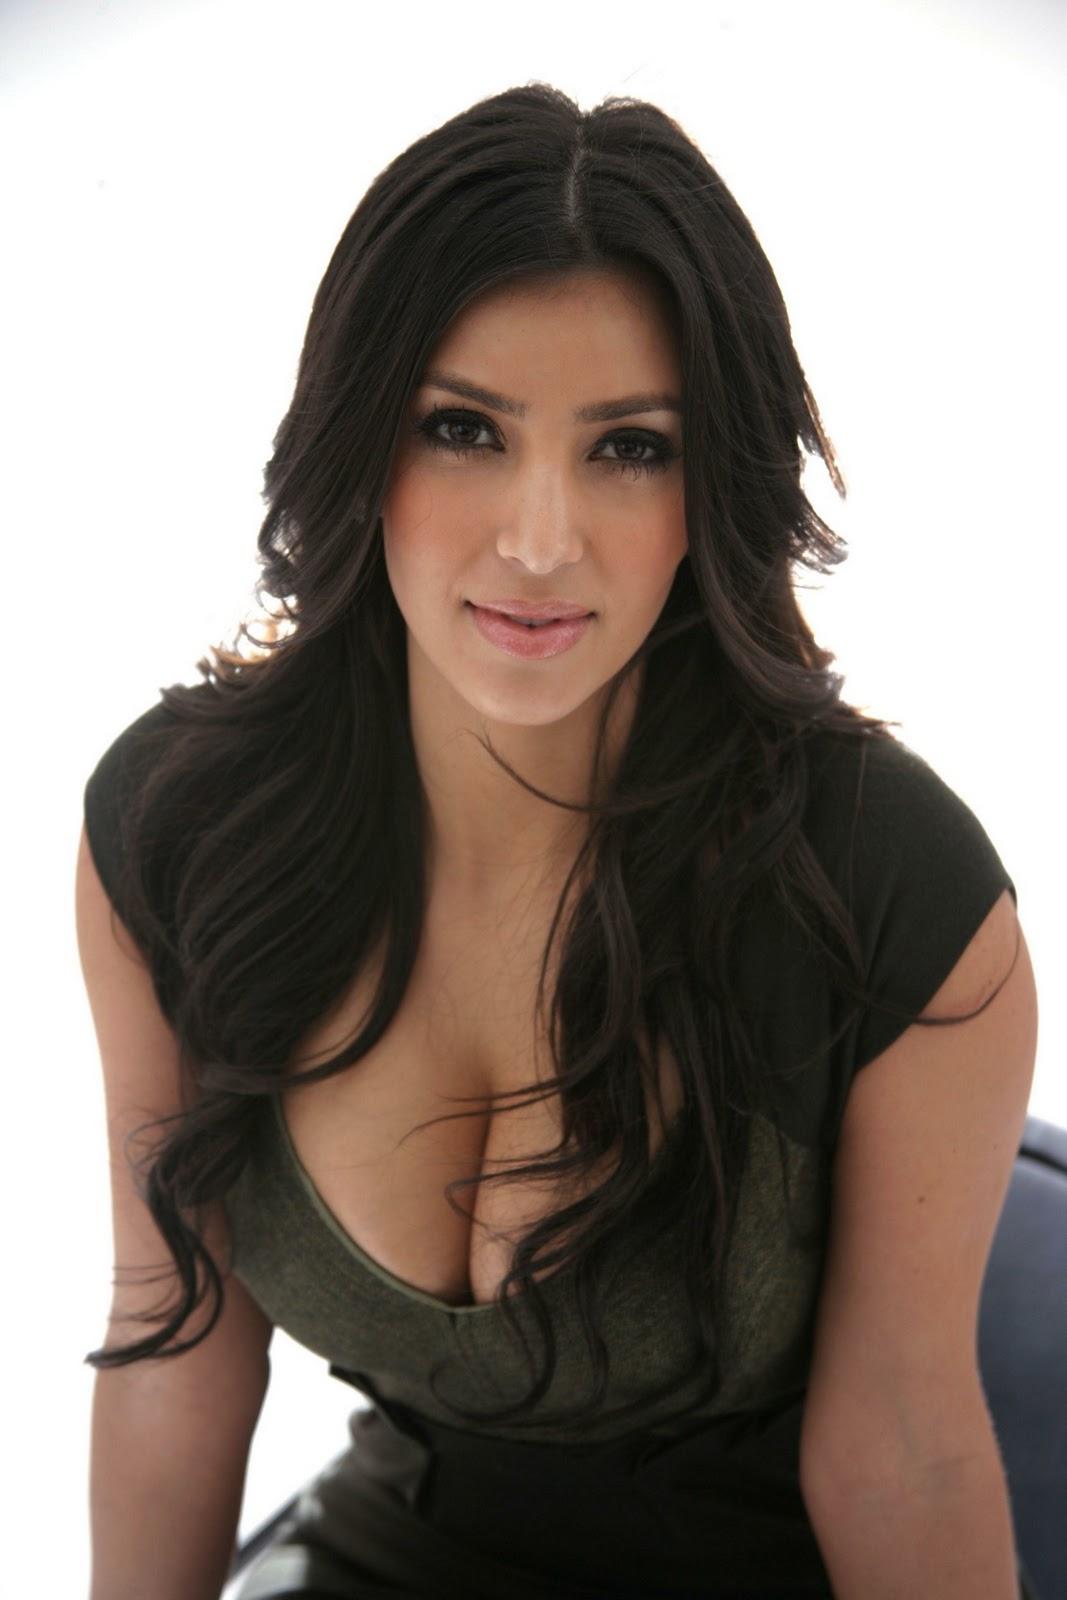 http://2.bp.blogspot.com/_0cCdjfbtNAQ/TQDla1OUCnI/AAAAAAAAAEI/BMaL3Yk_2QU/s1600/kim-kardashian.jpg